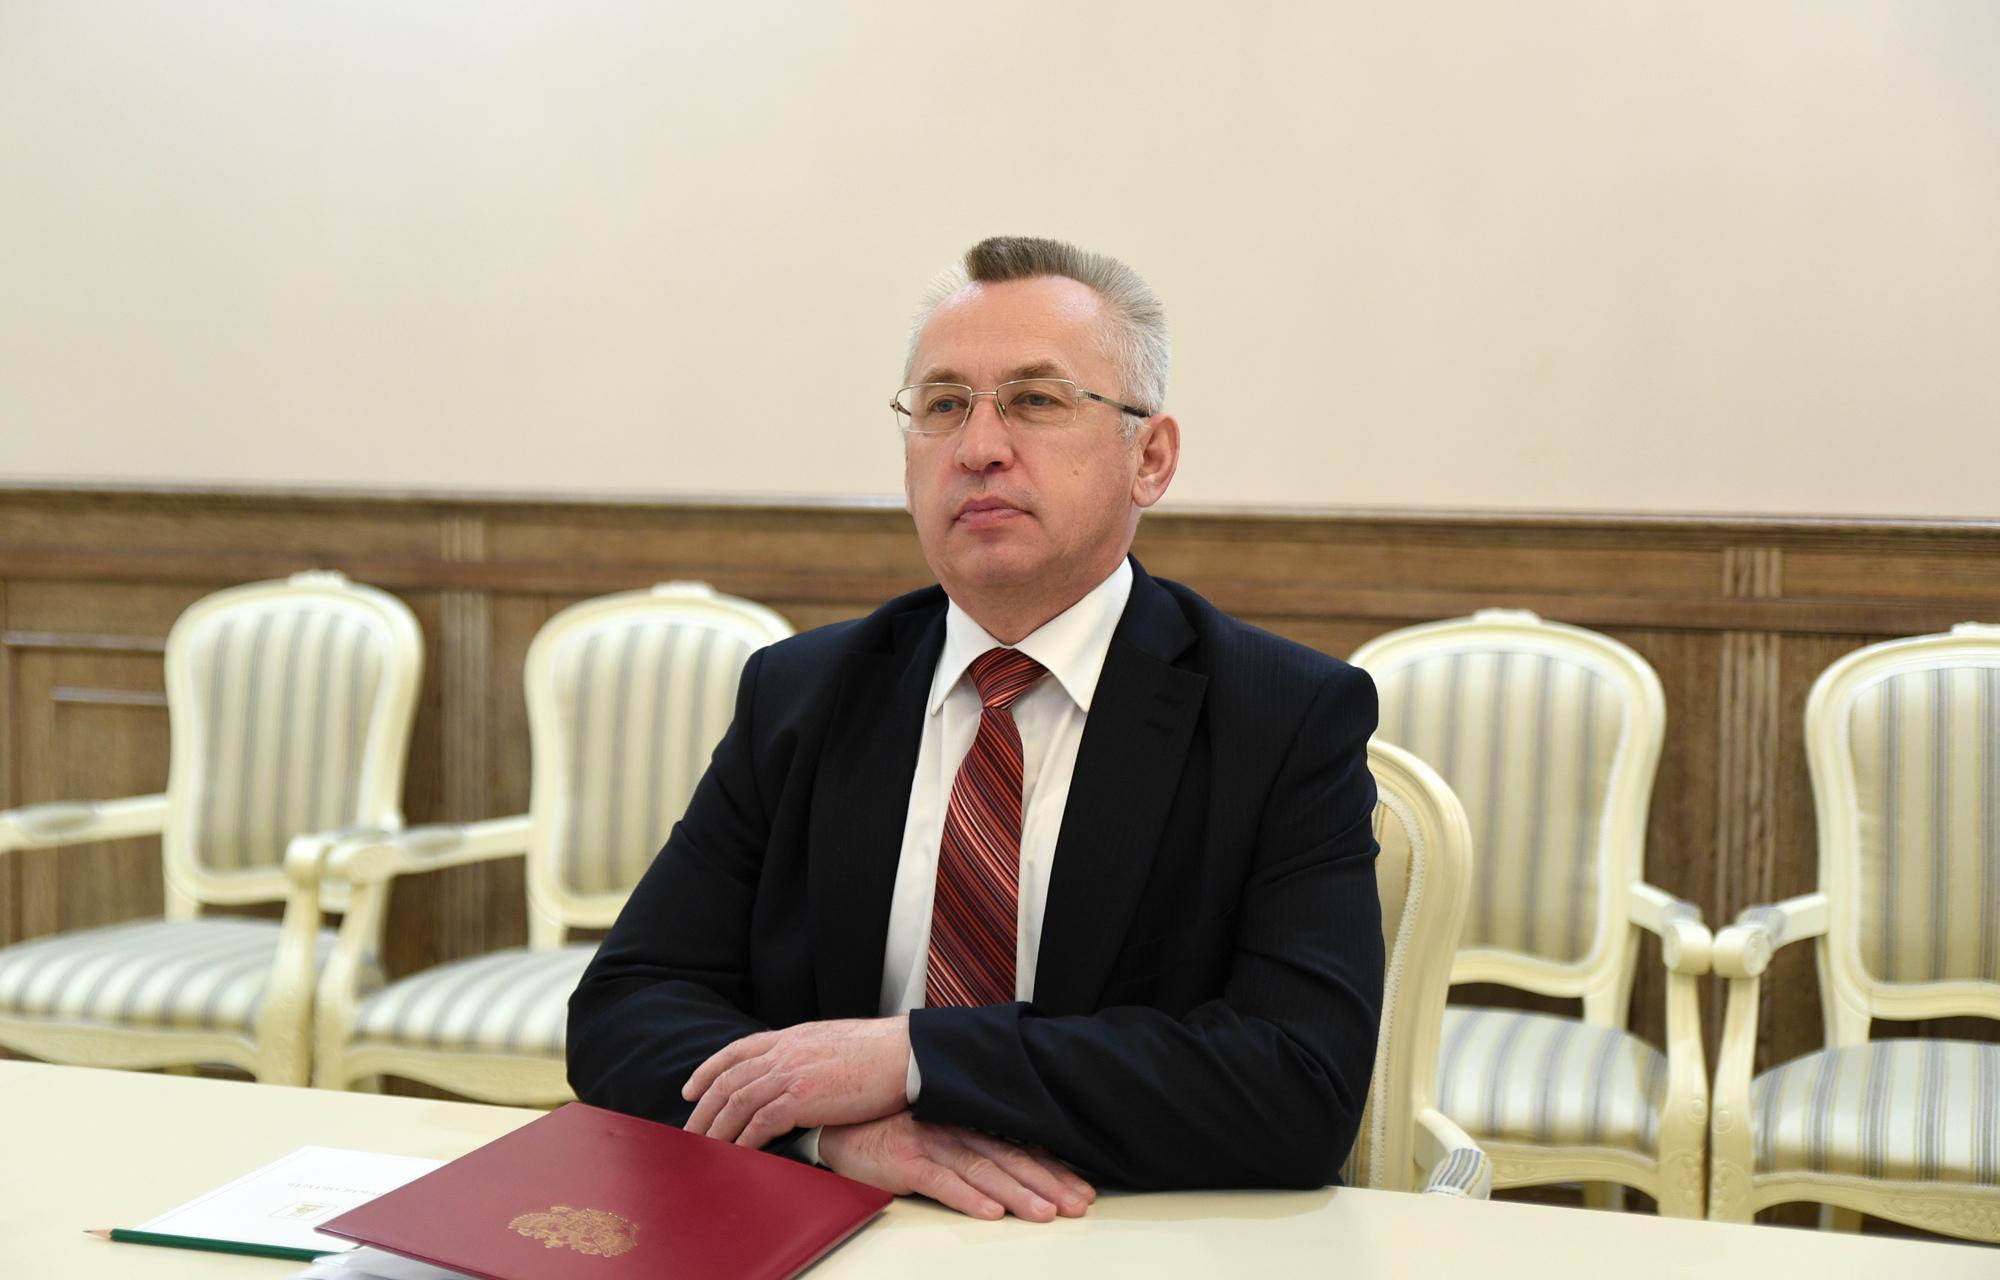 Игорь Руденя обсудил с главой Пеновского района строительство в муниципалитете нового Дома культуры